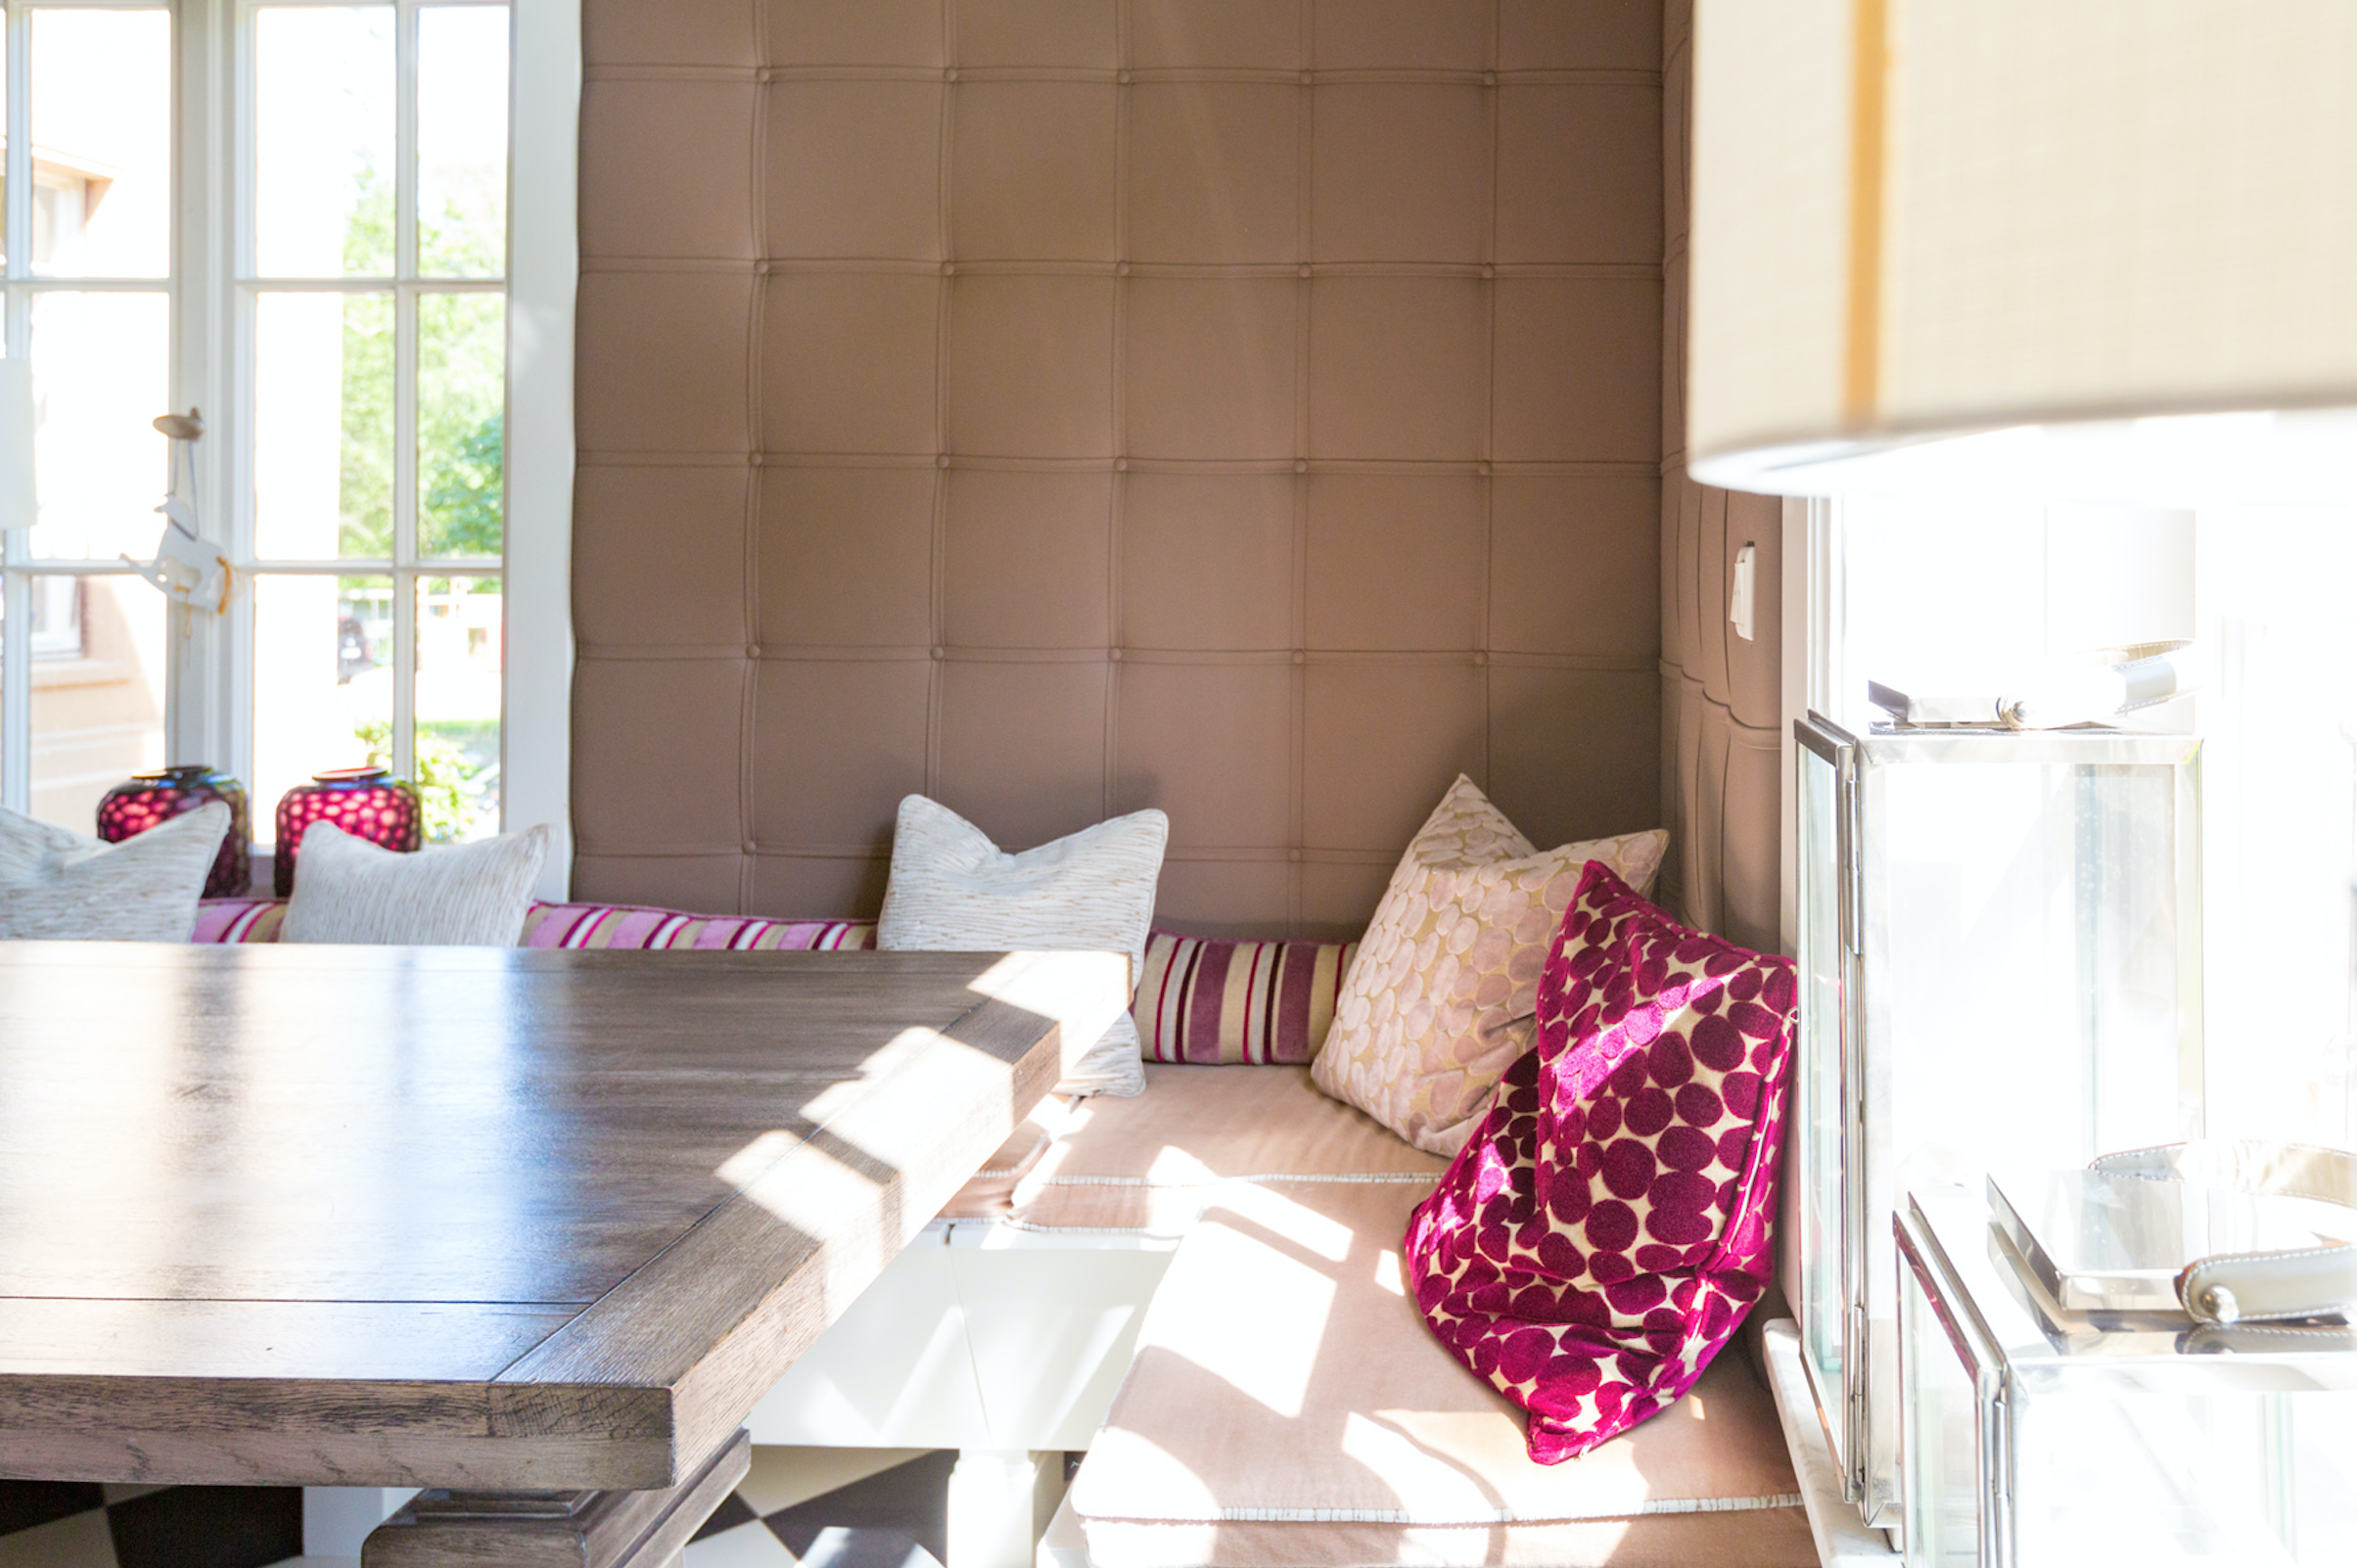 Küchenprojekt mit Posterarbeiten & Möbeln